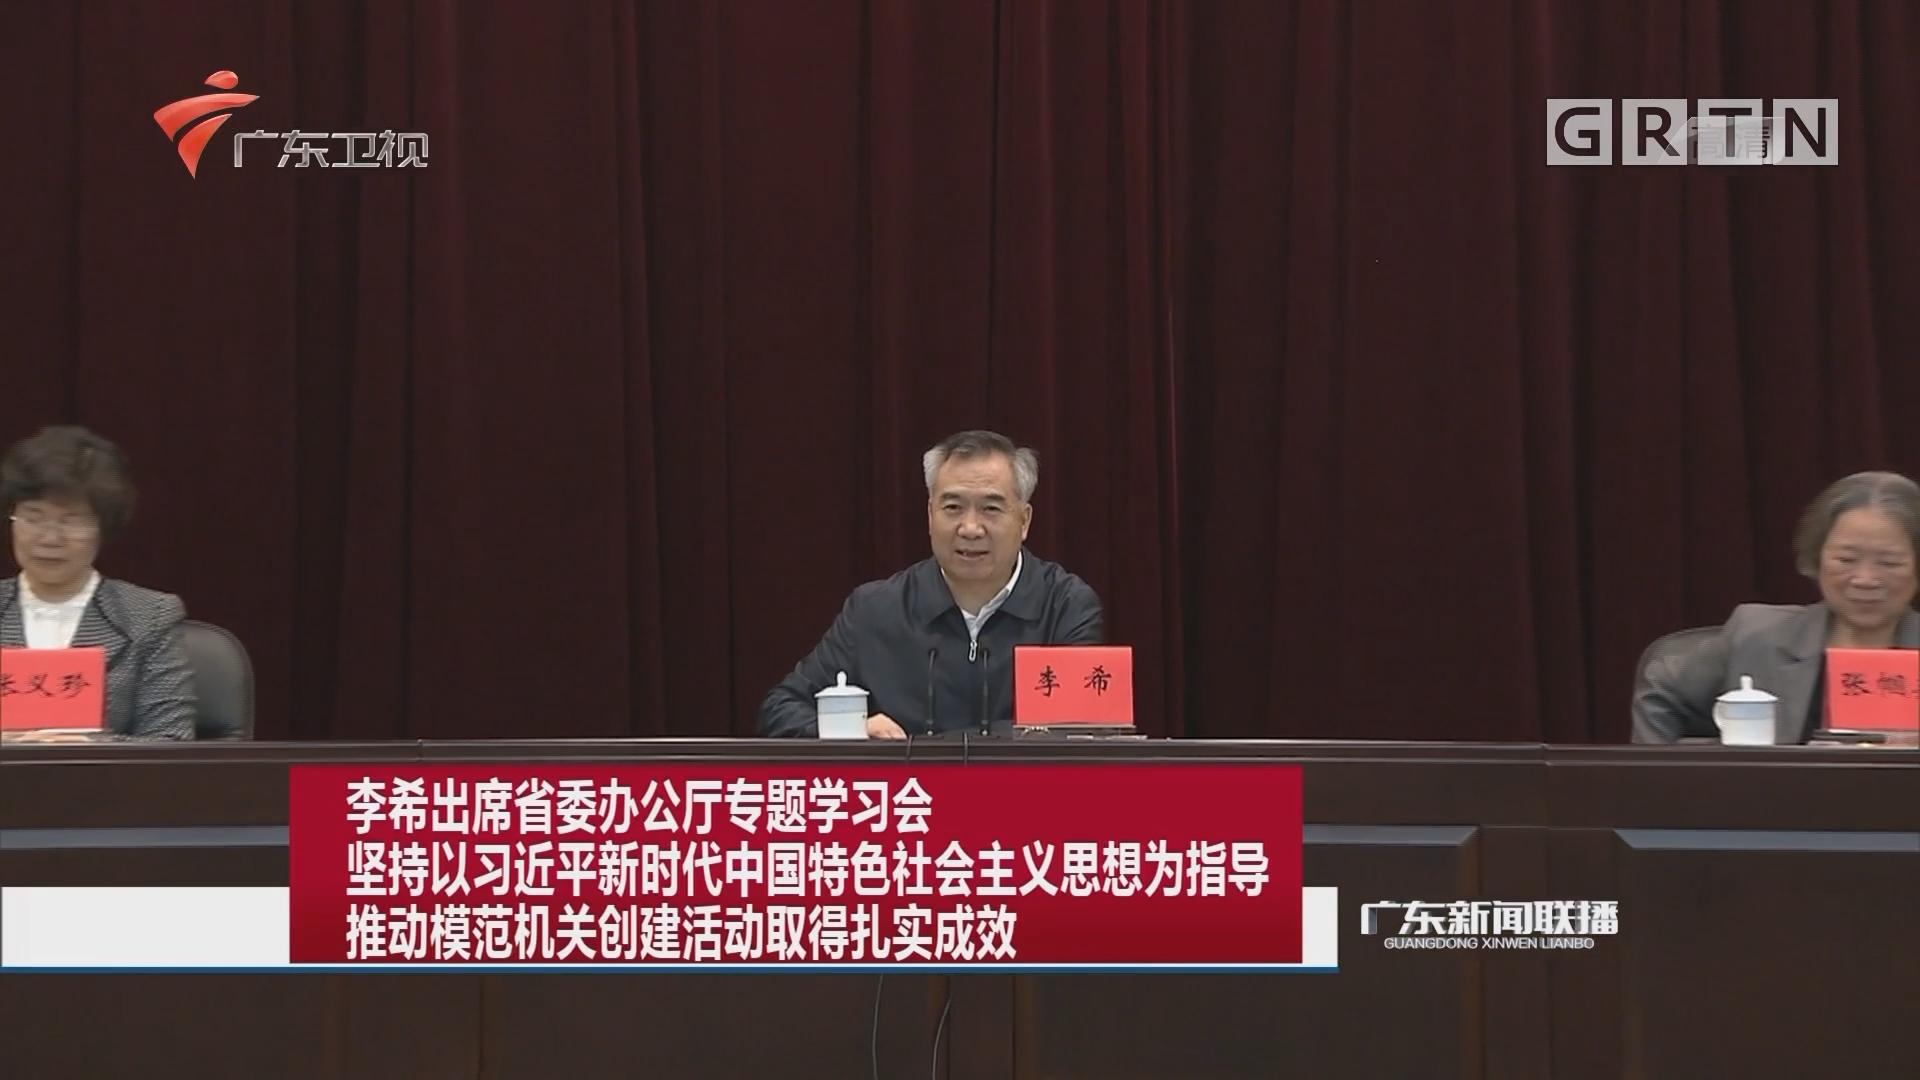 李希出席省委办公厅专题学习会 坚持以习近平新时代中国特色社会主义思想为指导 推动模范机关创建活动取得扎实成效